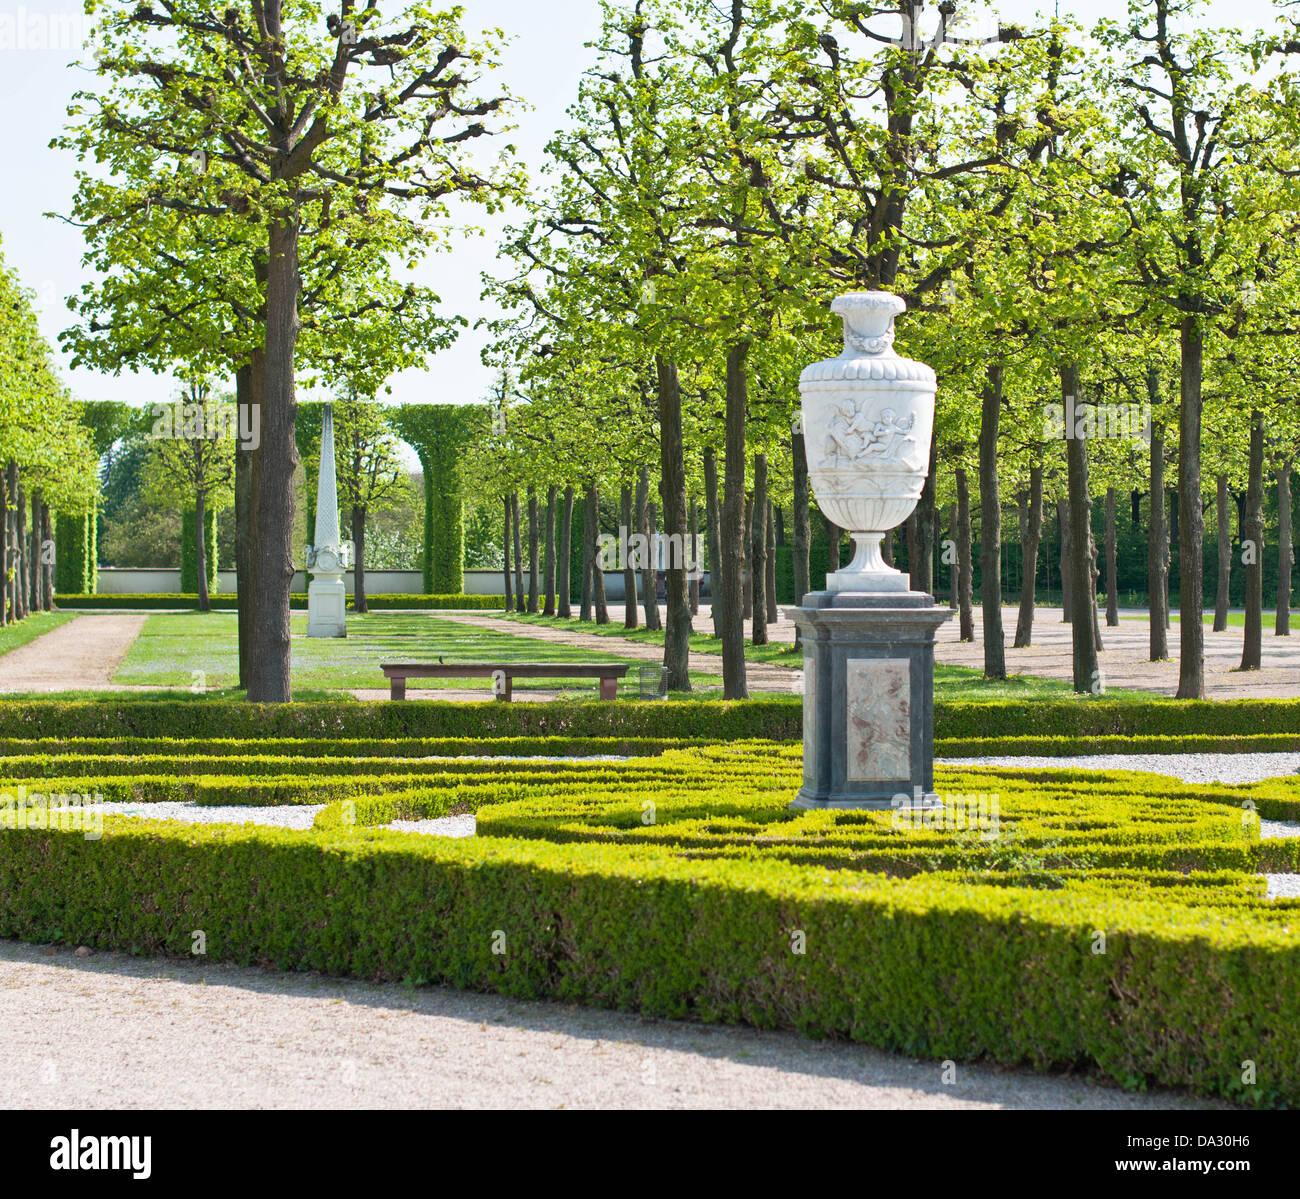 Antiquität, Architektionisch, Ziegel, Dekoration, Europa, Pferd, Spanien, Außenaufnahme, Skulptur, Statue, Stockbild